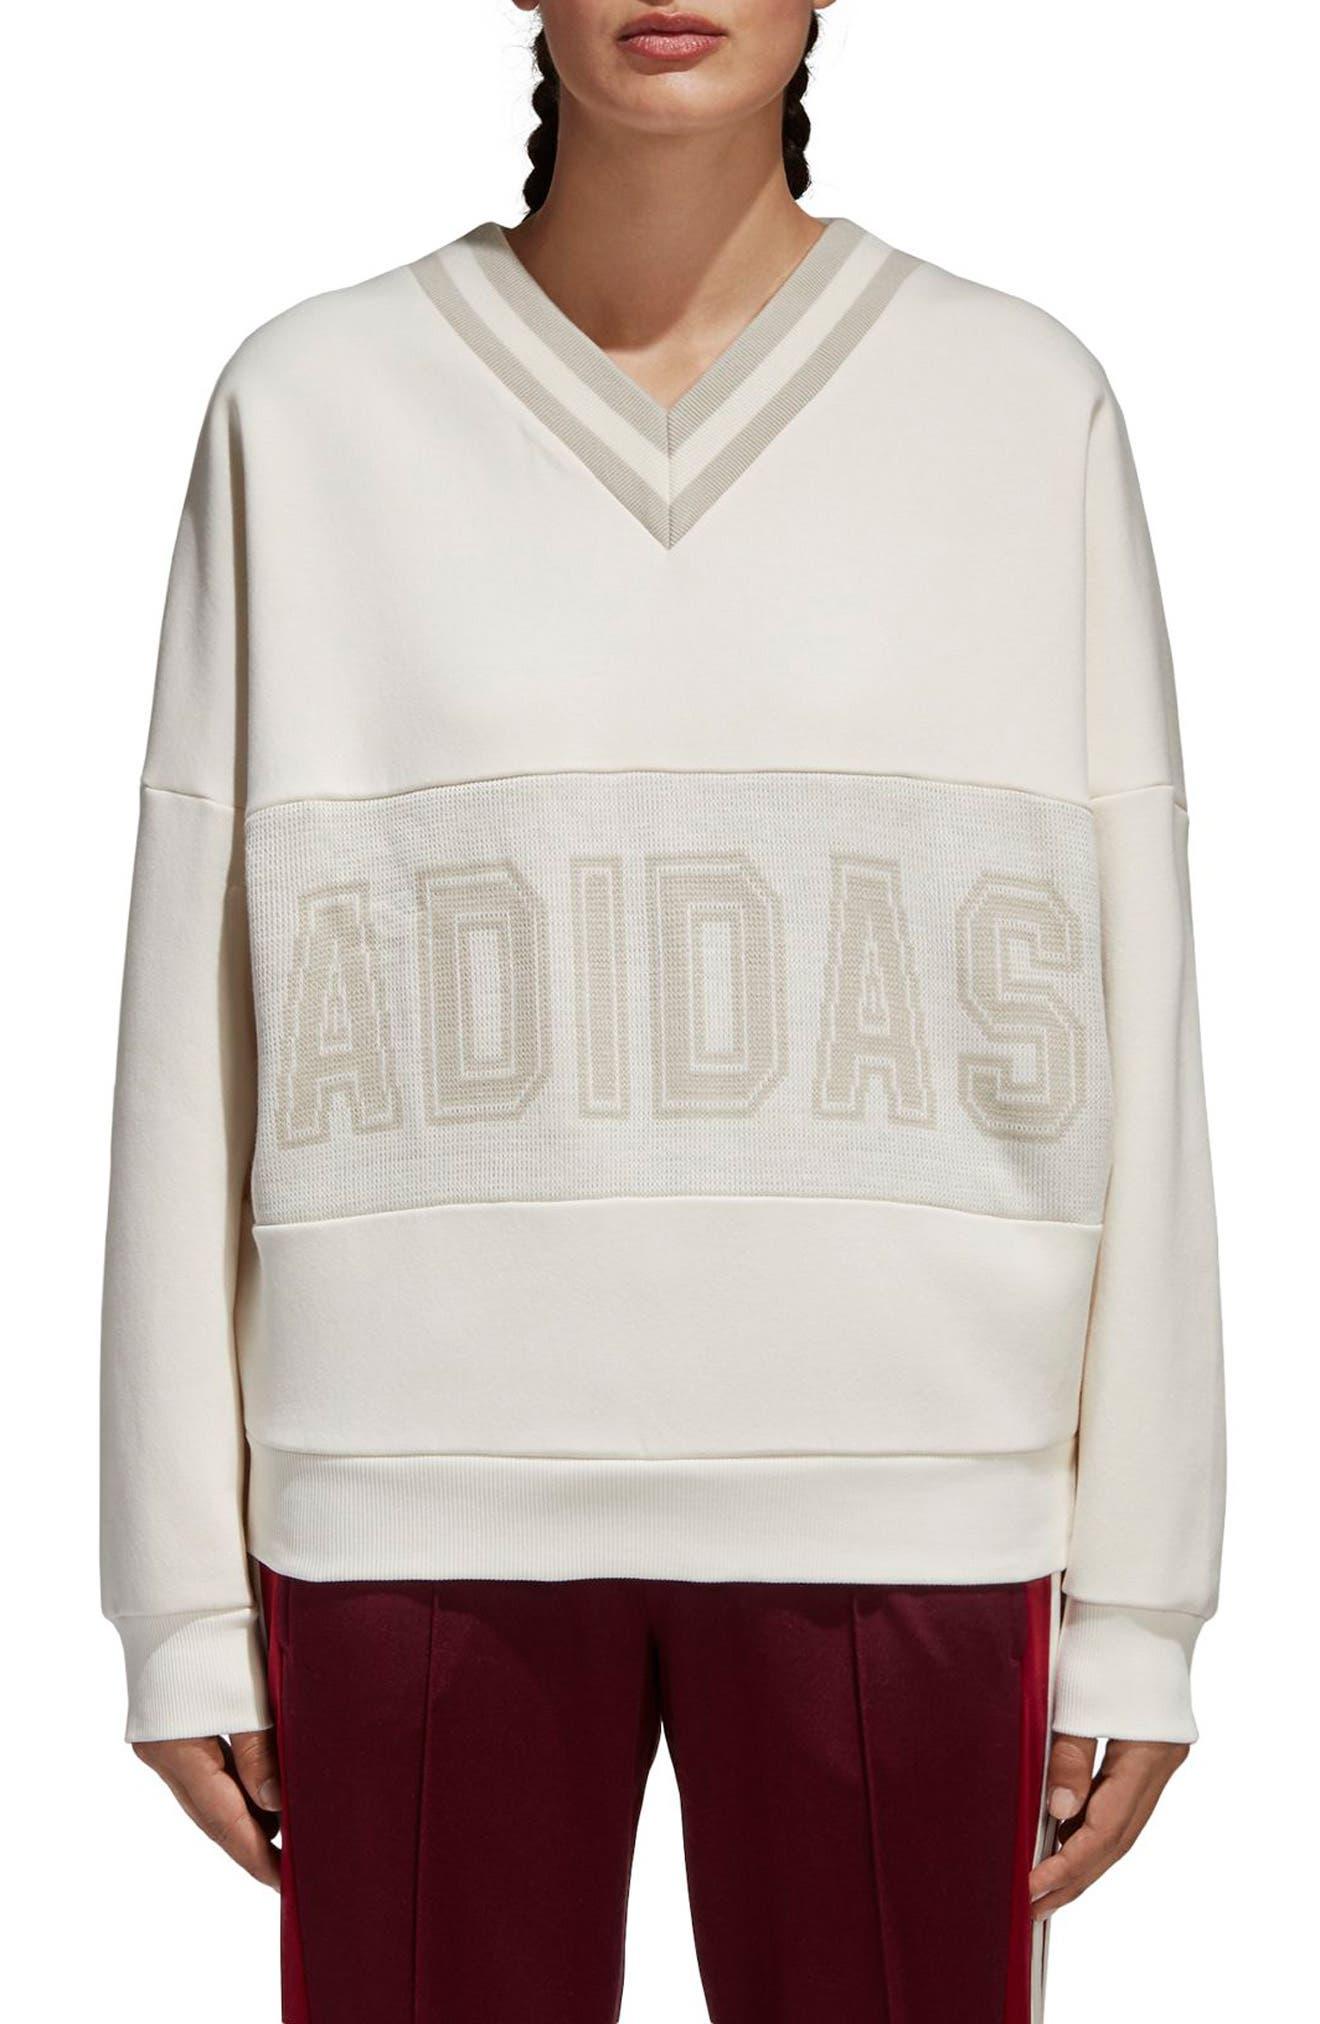 Originals Adibreak Sweatshirt,                             Main thumbnail 1, color,                             Chalk White/ Chalk White